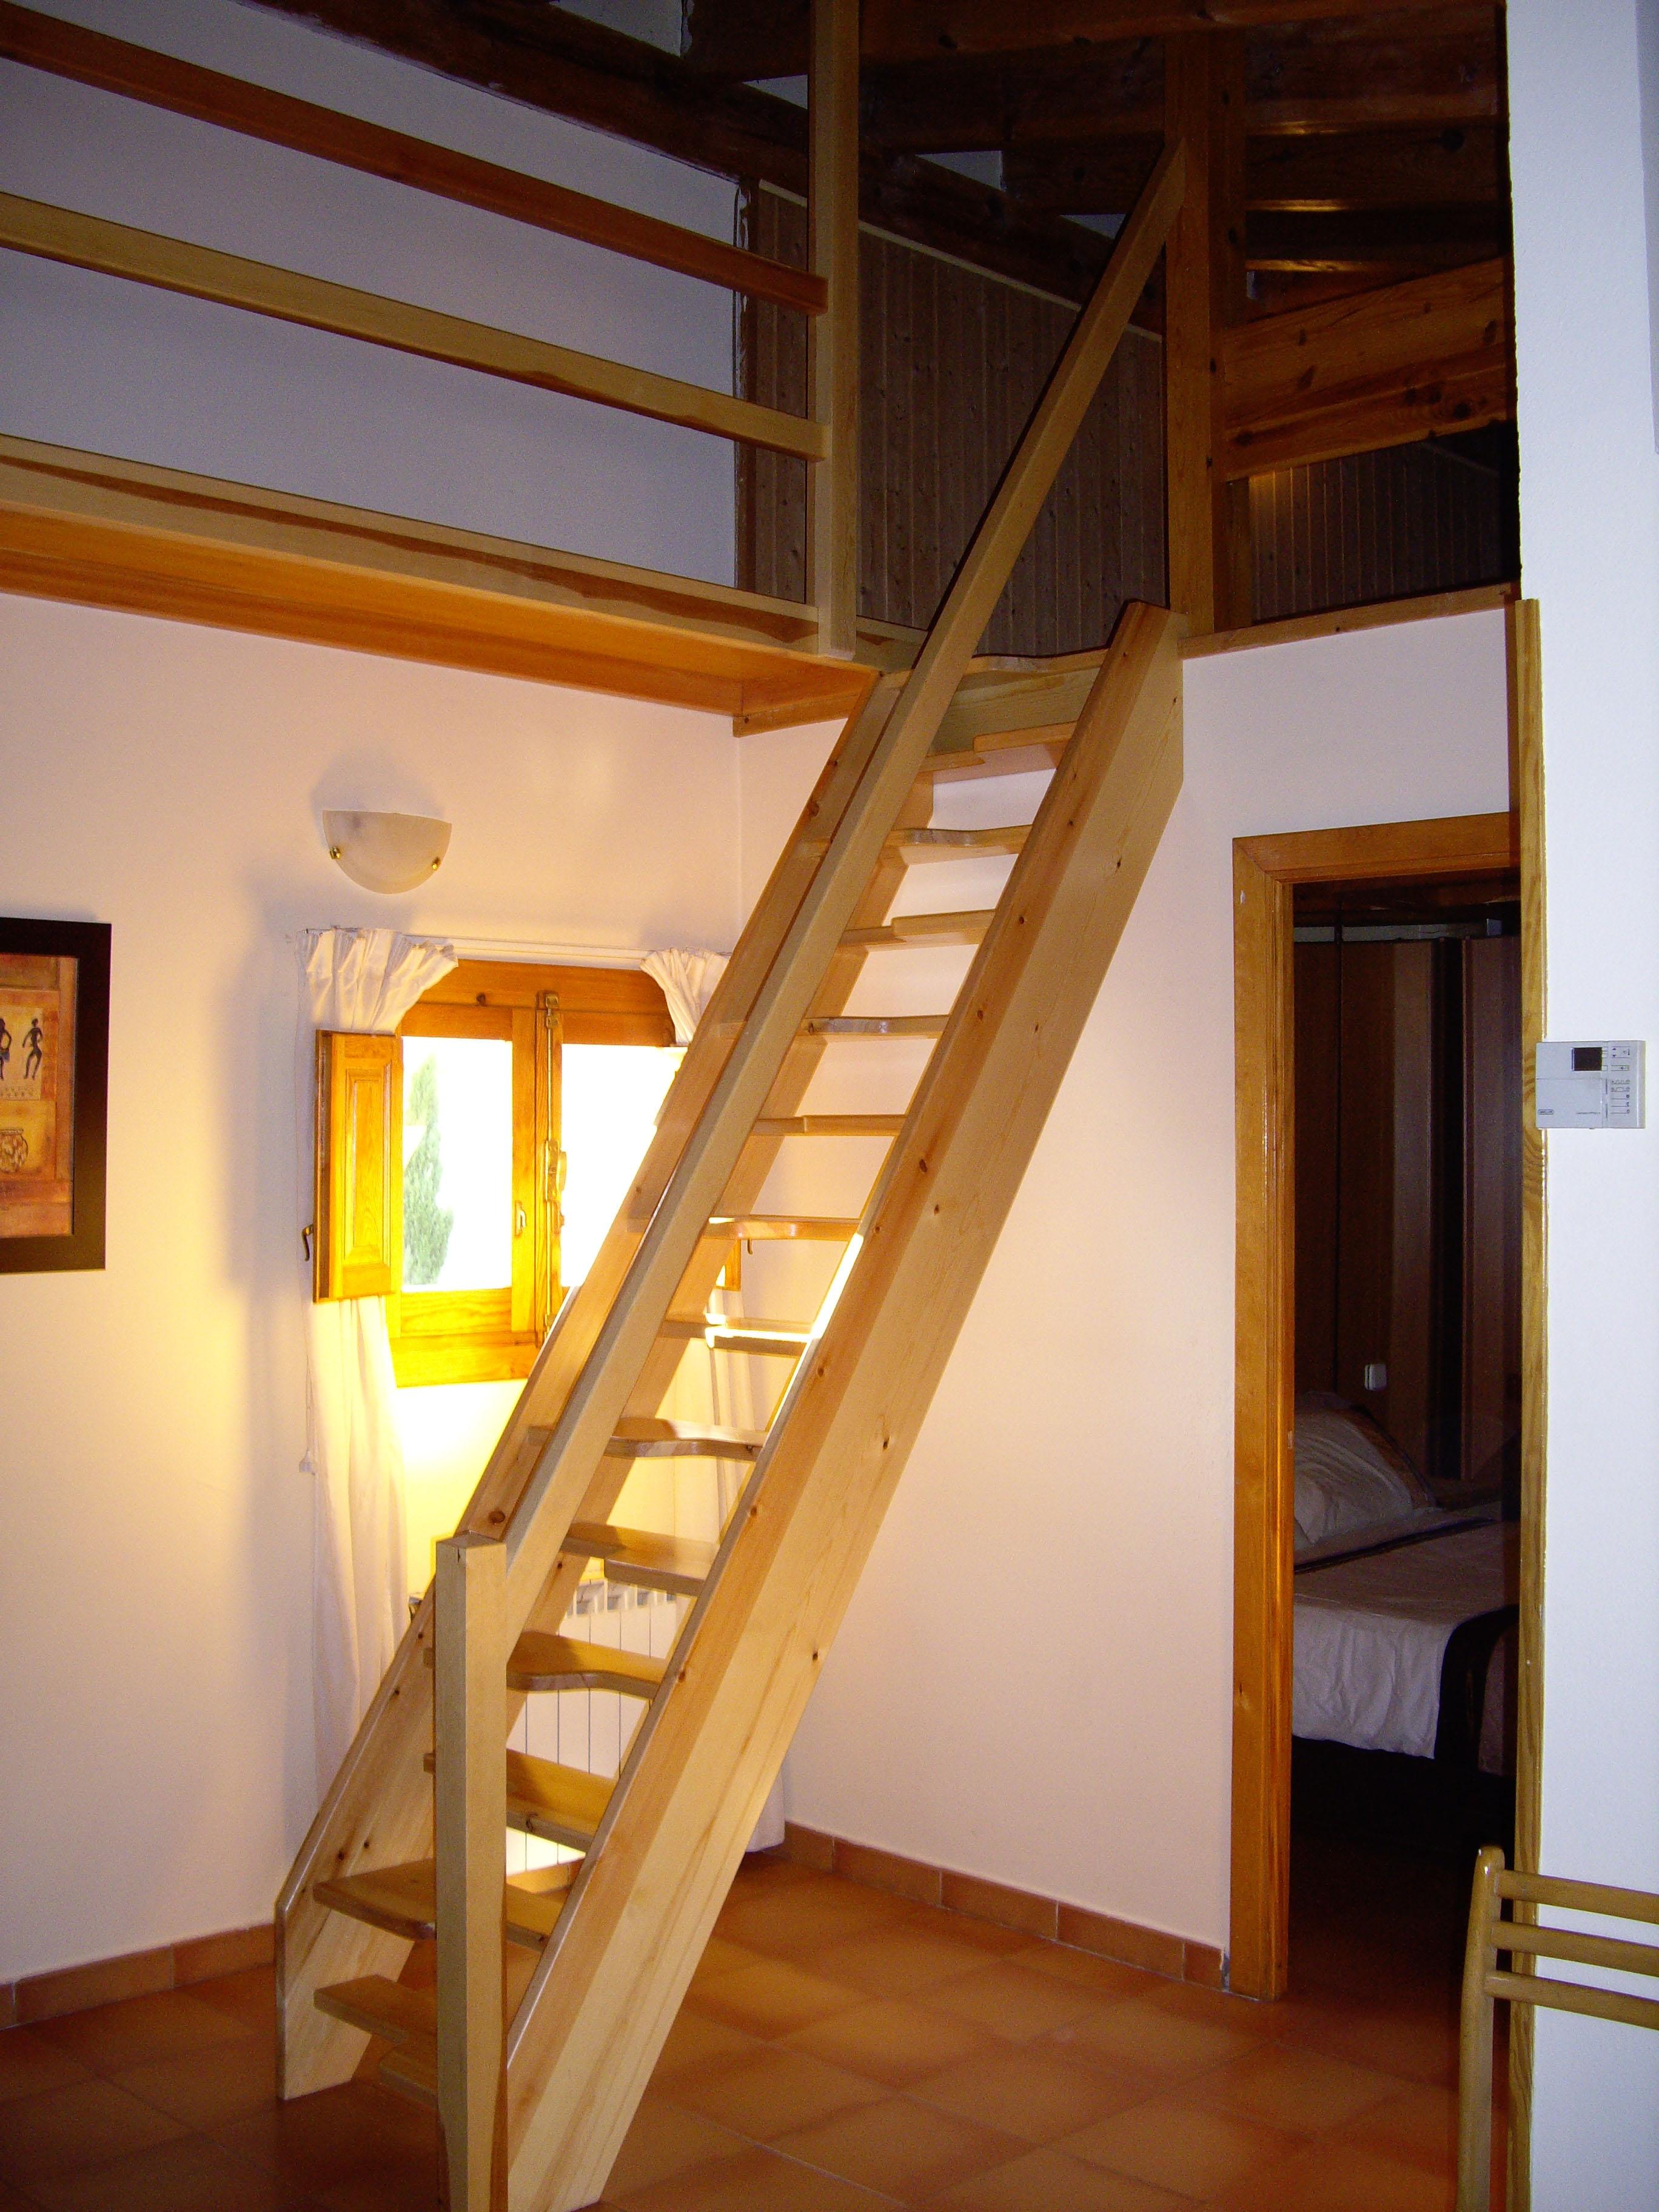 escalera de pie alterno realizada en madera de pino ideal para espacios reducidos